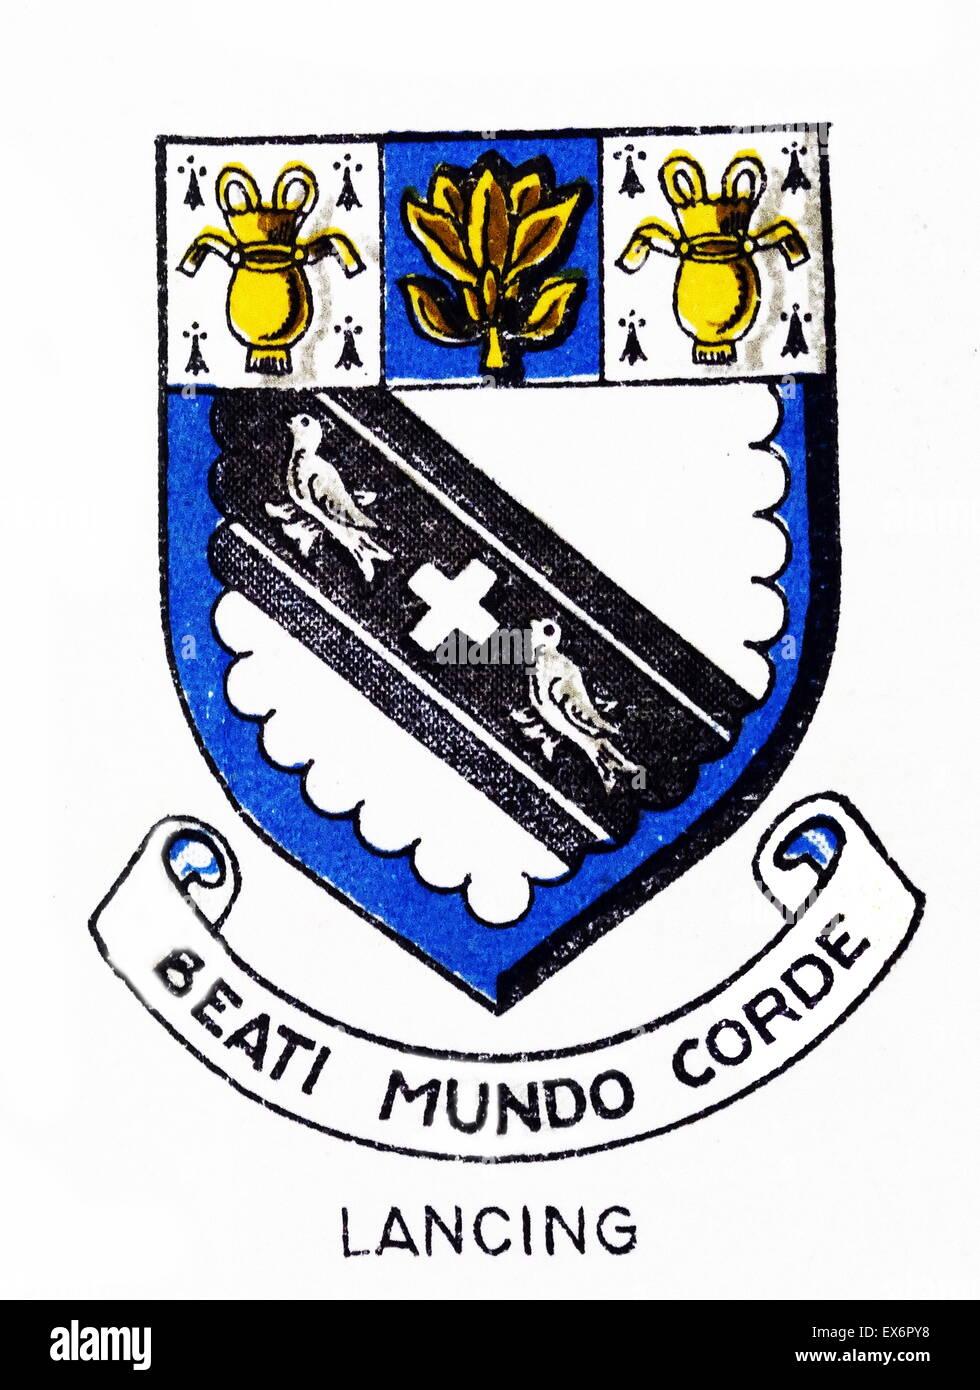 Emblem der Lancing College, Stechhilfe, West Sussex. Lancing College ist eine koedukative Englische Privatschule Stockbild